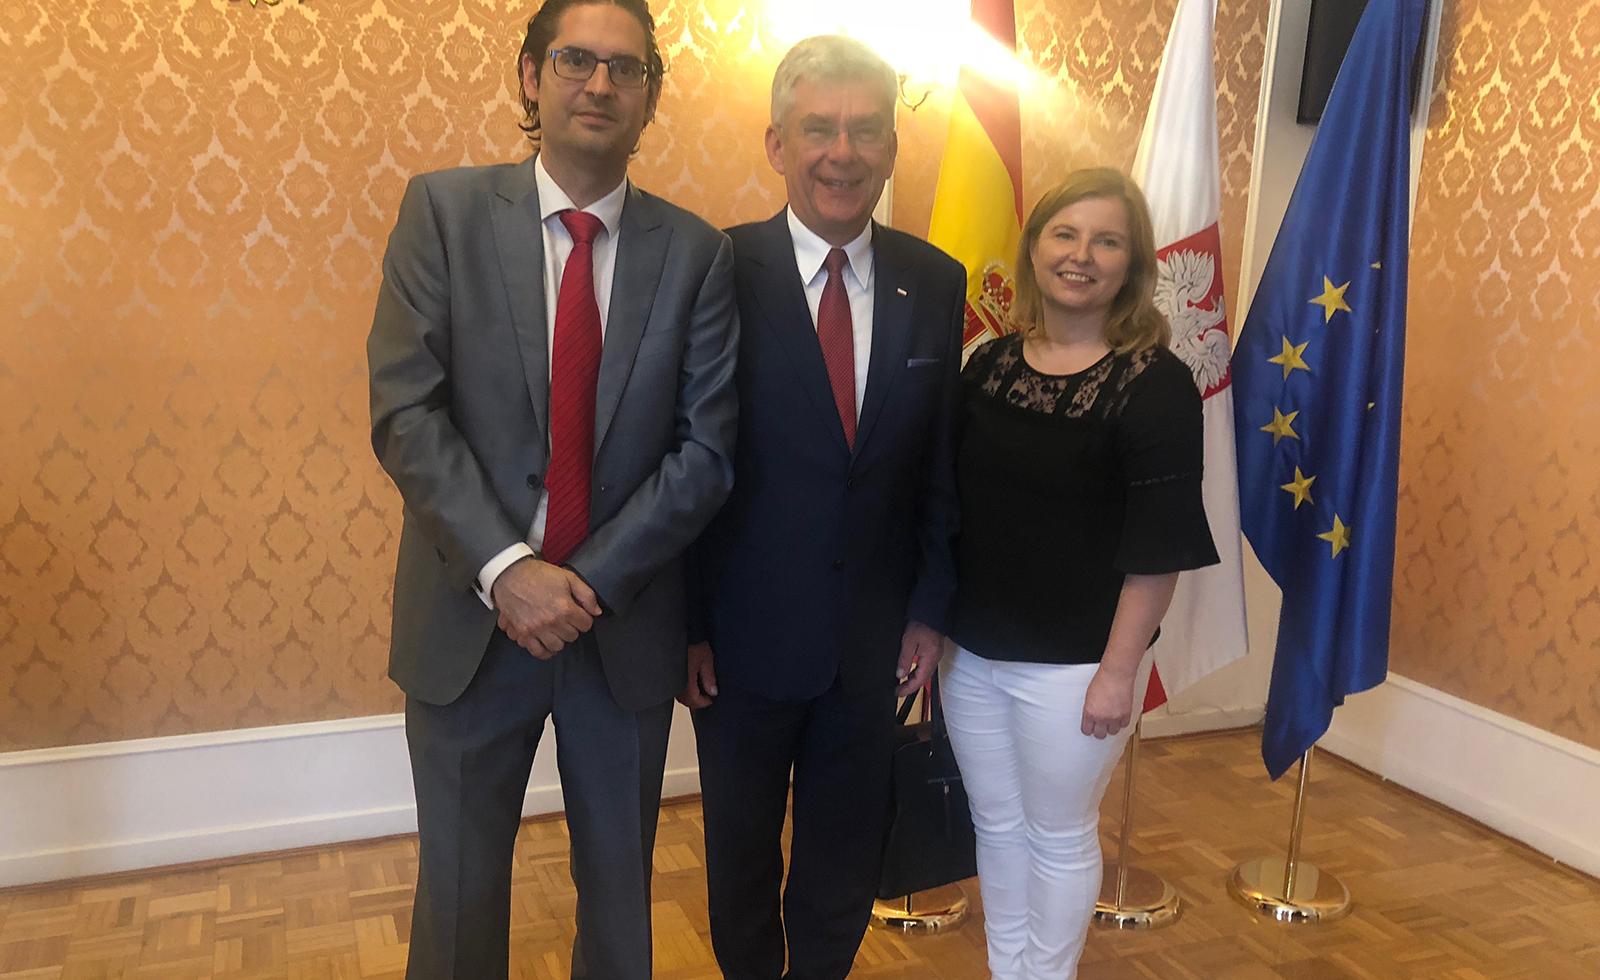 Wizyta marszałka sejmu RP w Madrycie